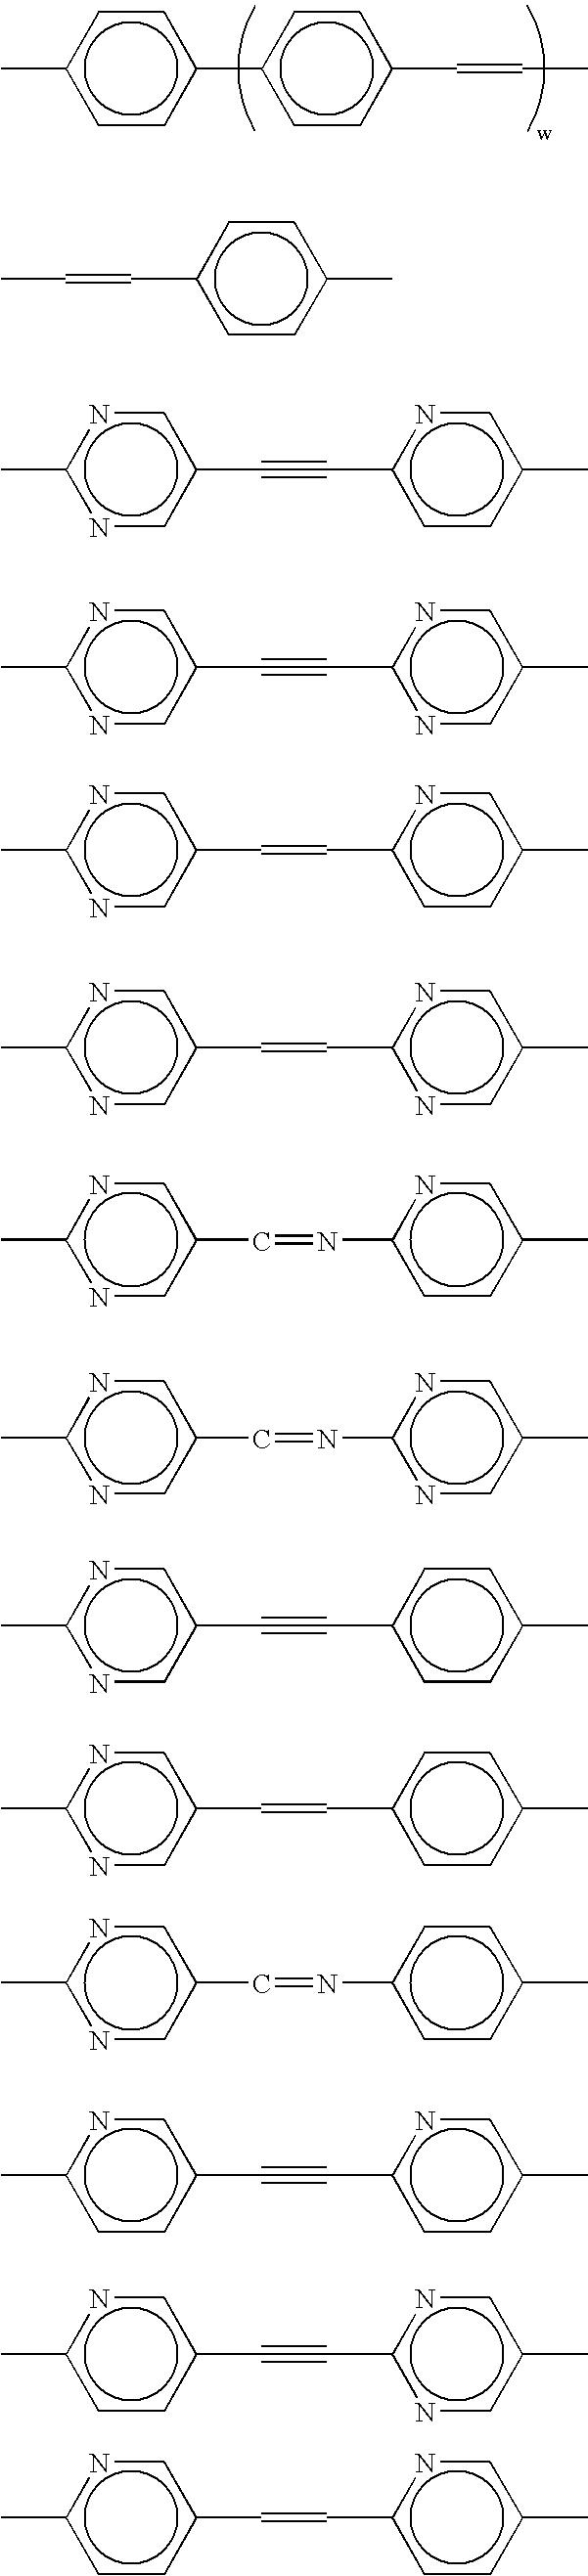 Figure US20050202273A1-20050915-C00010